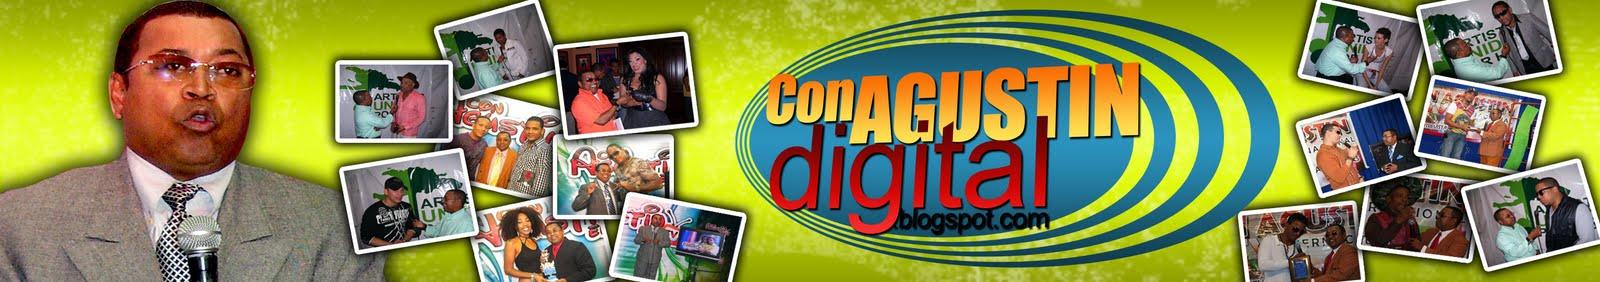 Con Agustín Digital